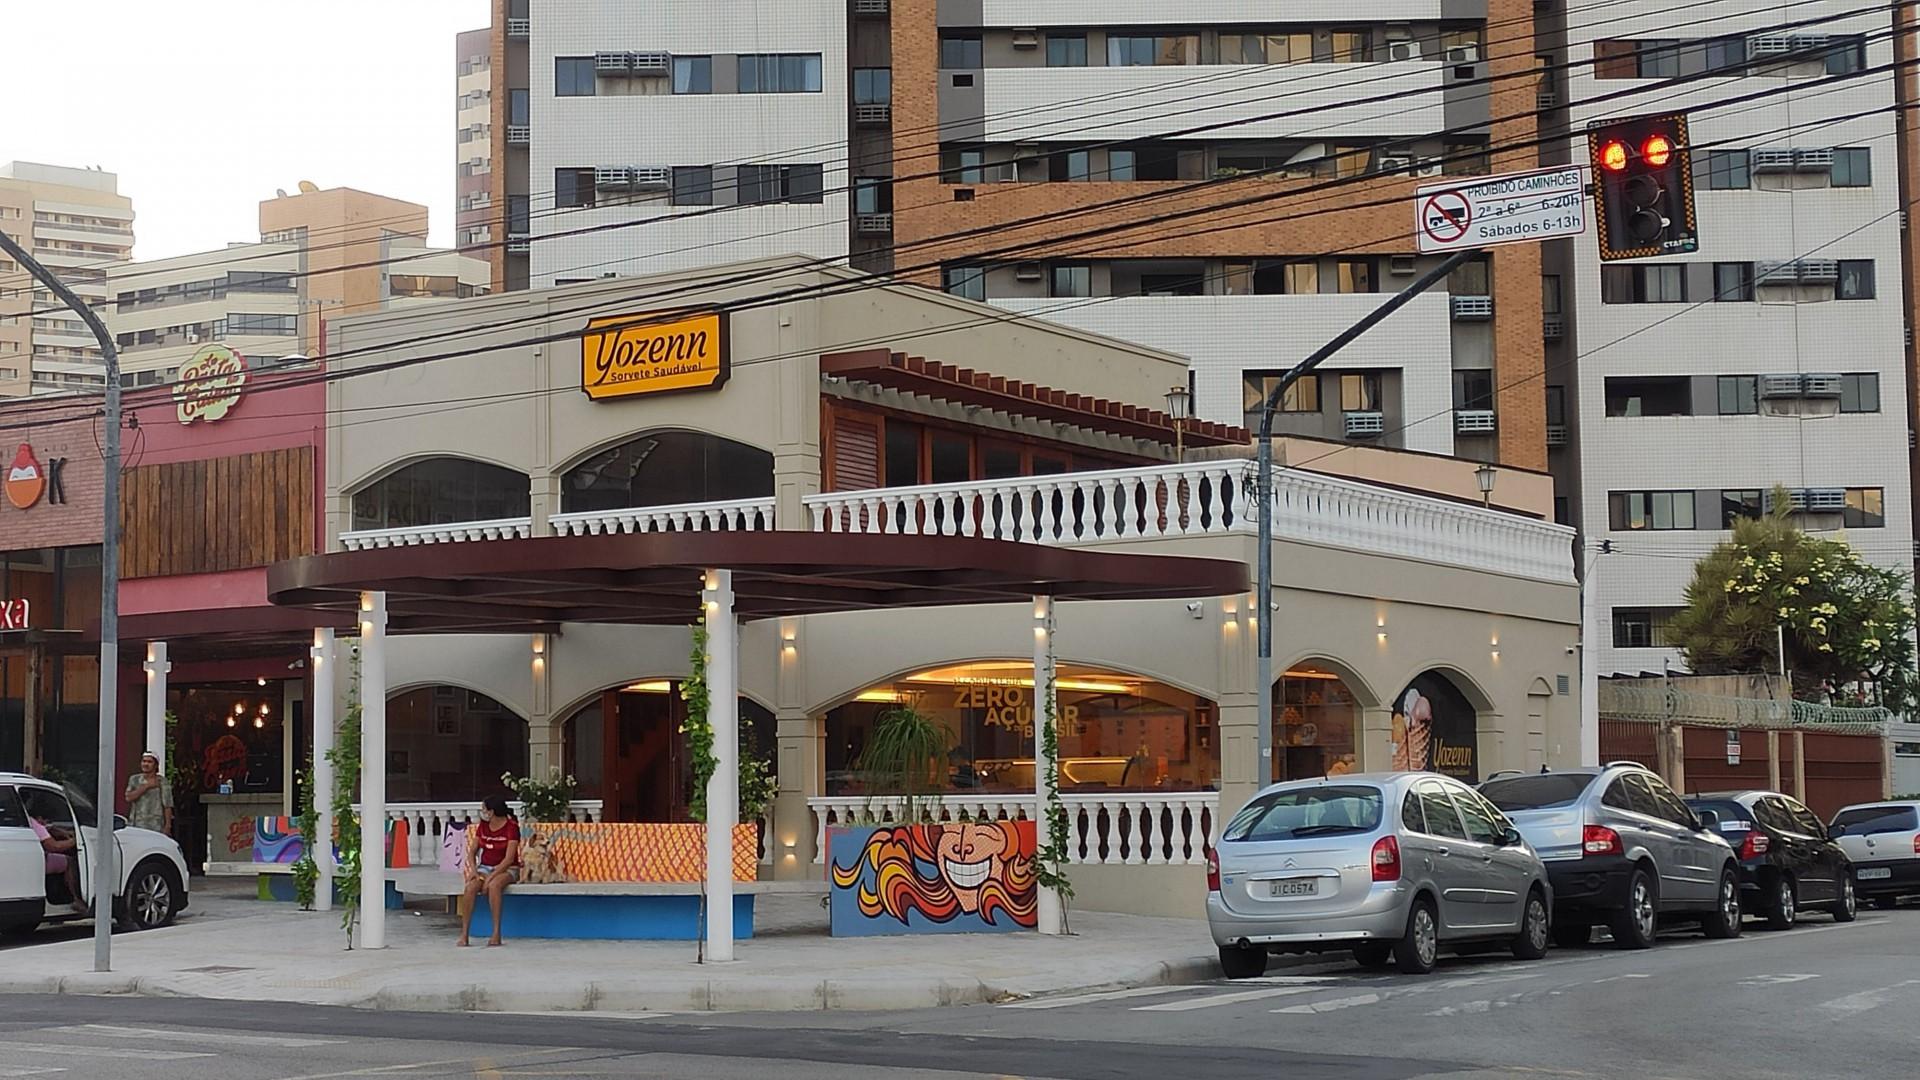 Todos os sorvetes são zero açúcar, o que faz da Yozenn a primeira sorveteria do Zero Açúcar do Brasil